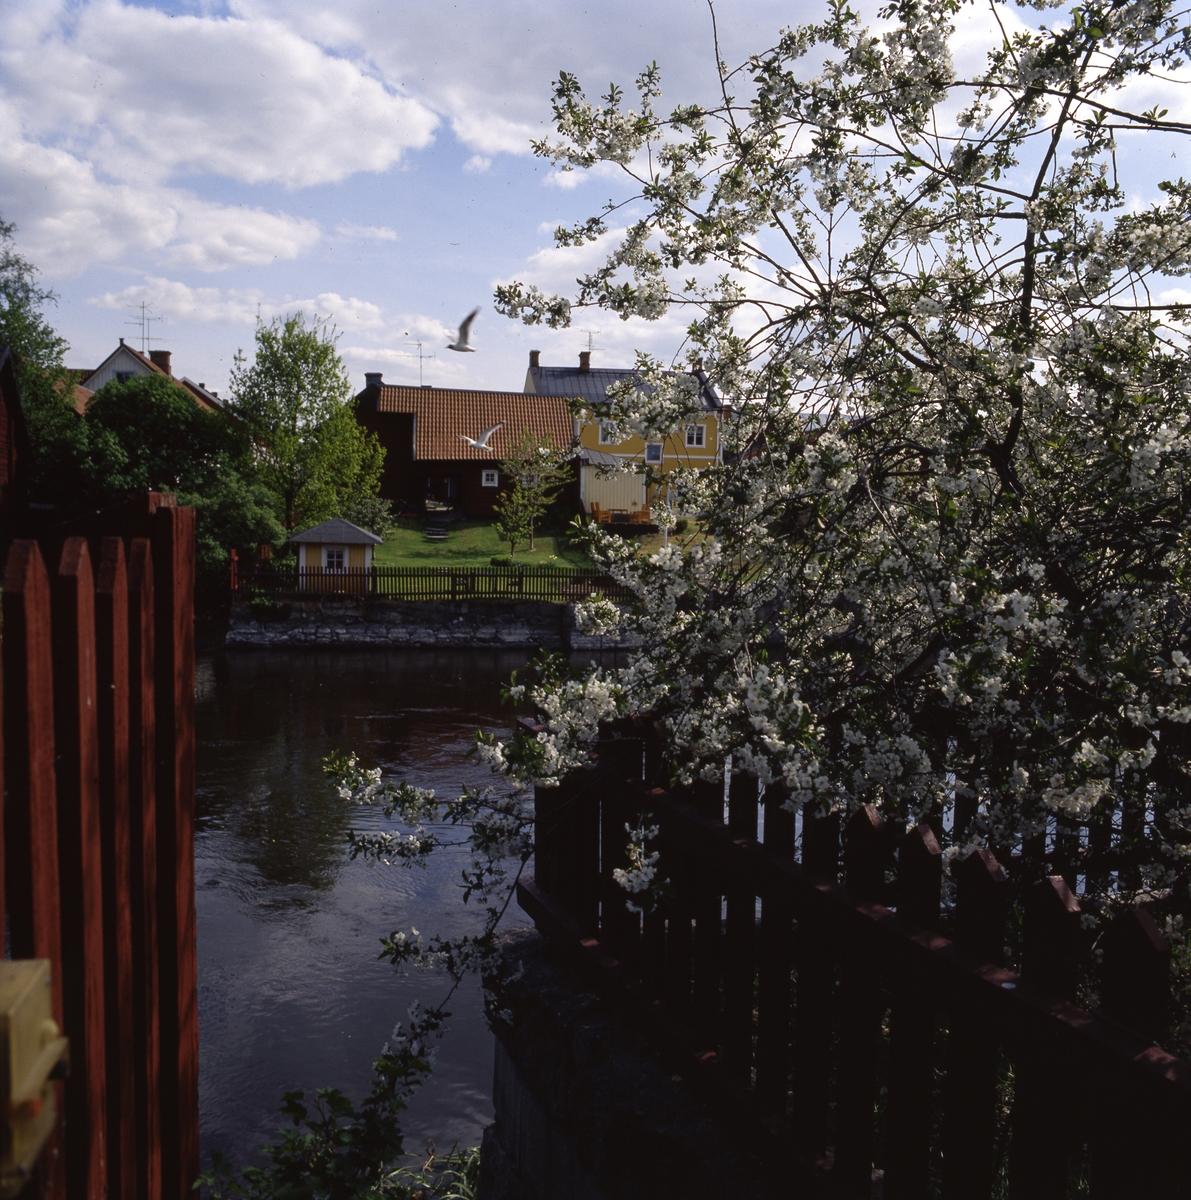 Blommande fruktträd på Västerlånggatan 3. Utsikt över Arbogaån och ågårdar på Storgatan.